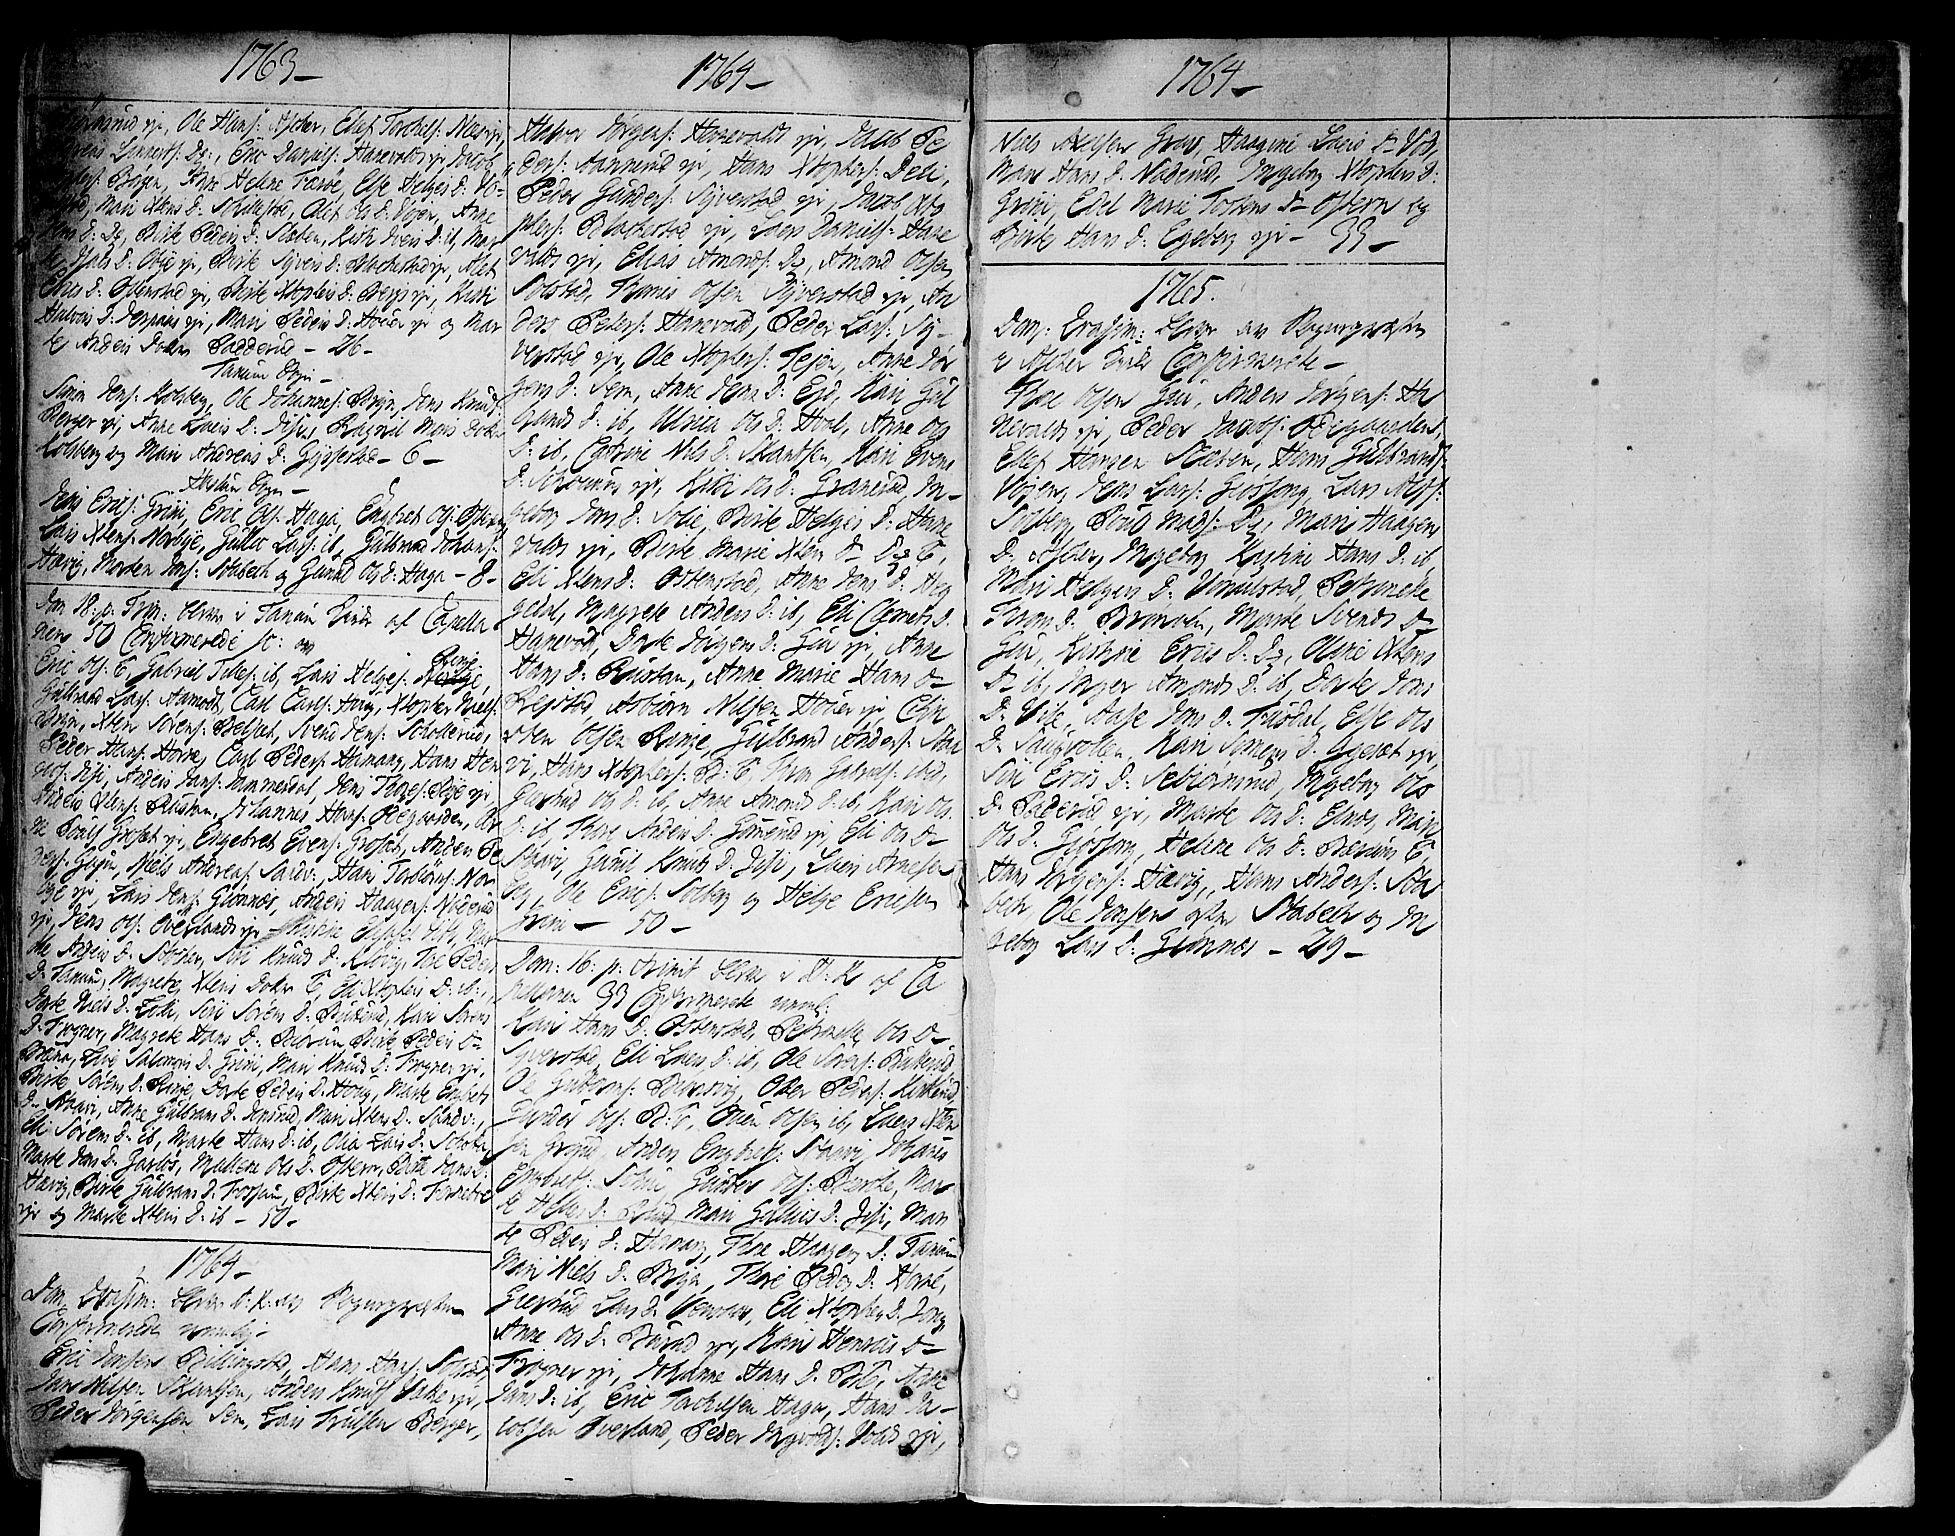 SAO, Asker prestekontor Kirkebøker, F/Fa/L0002: Ministerialbok nr. I 2, 1733-1766, s. 283